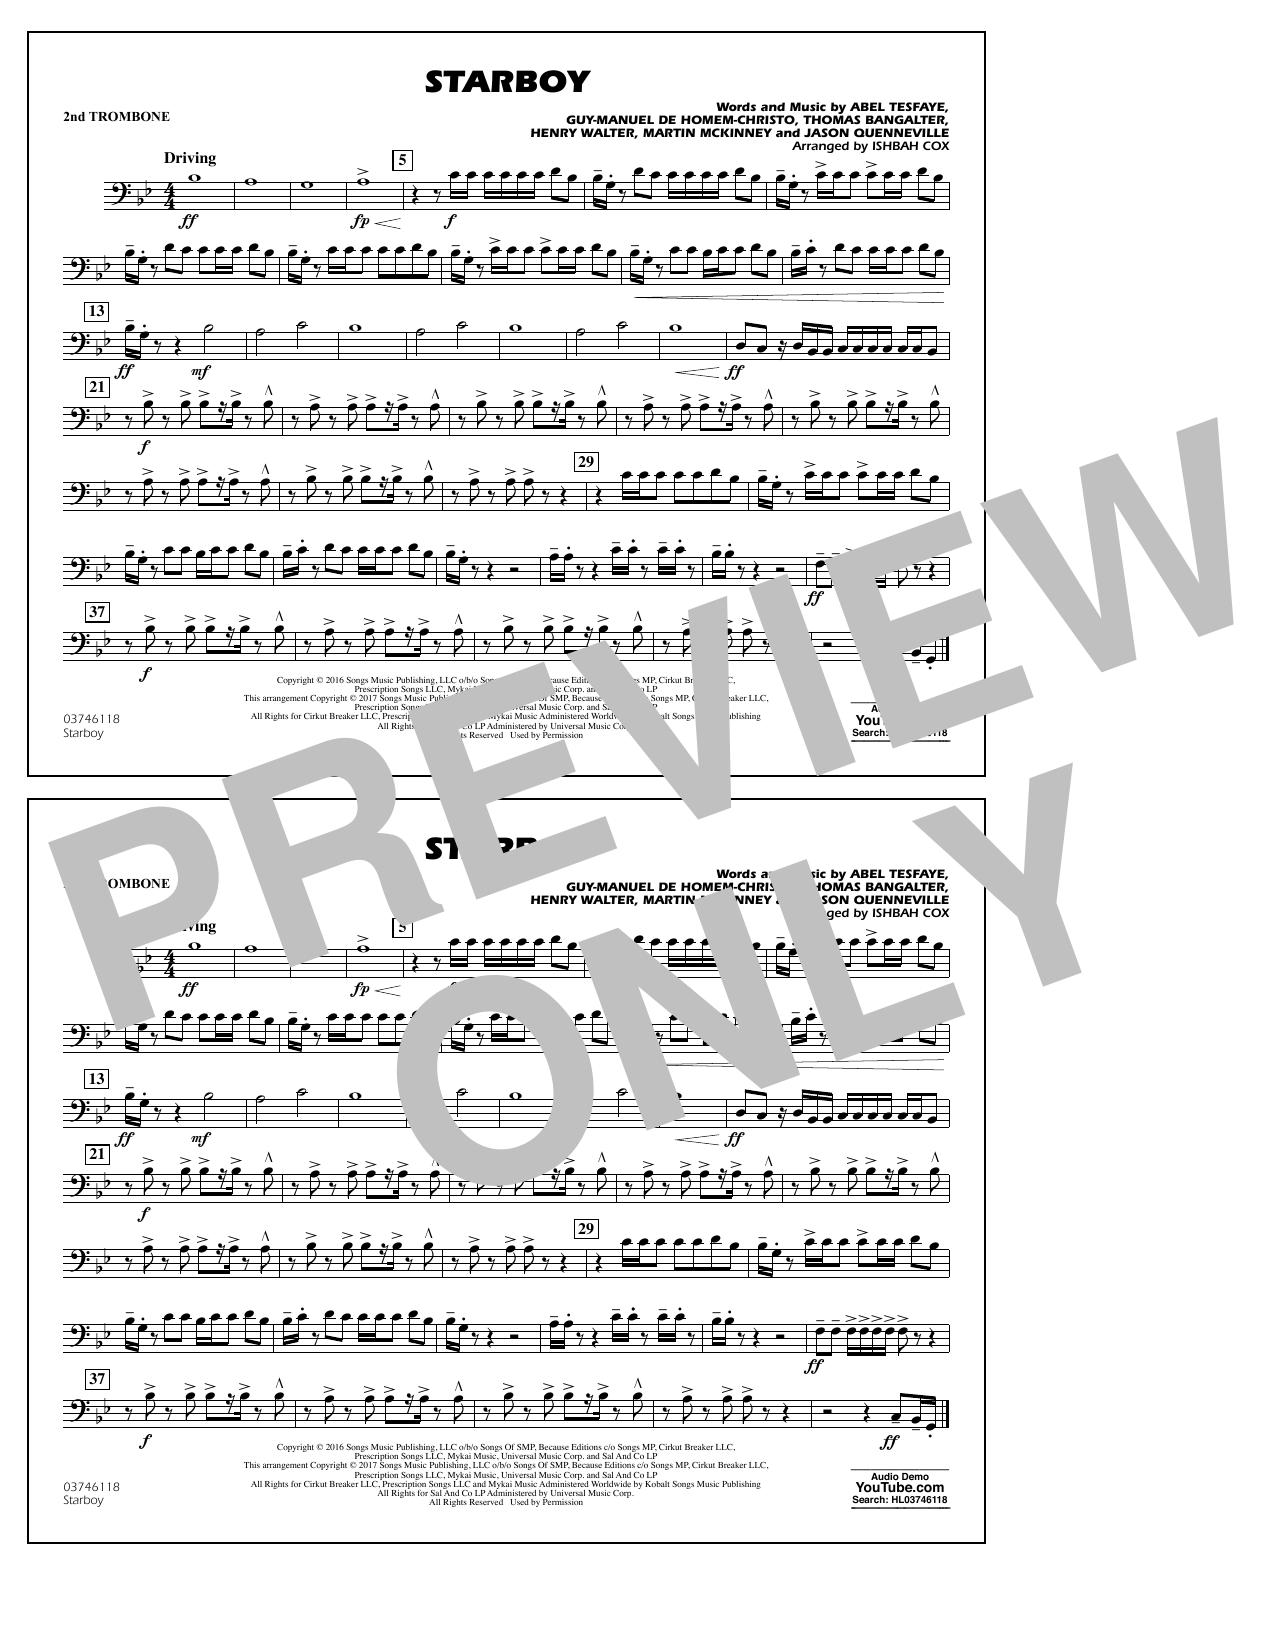 Starboy - 2nd Trombone Partituras Digitales